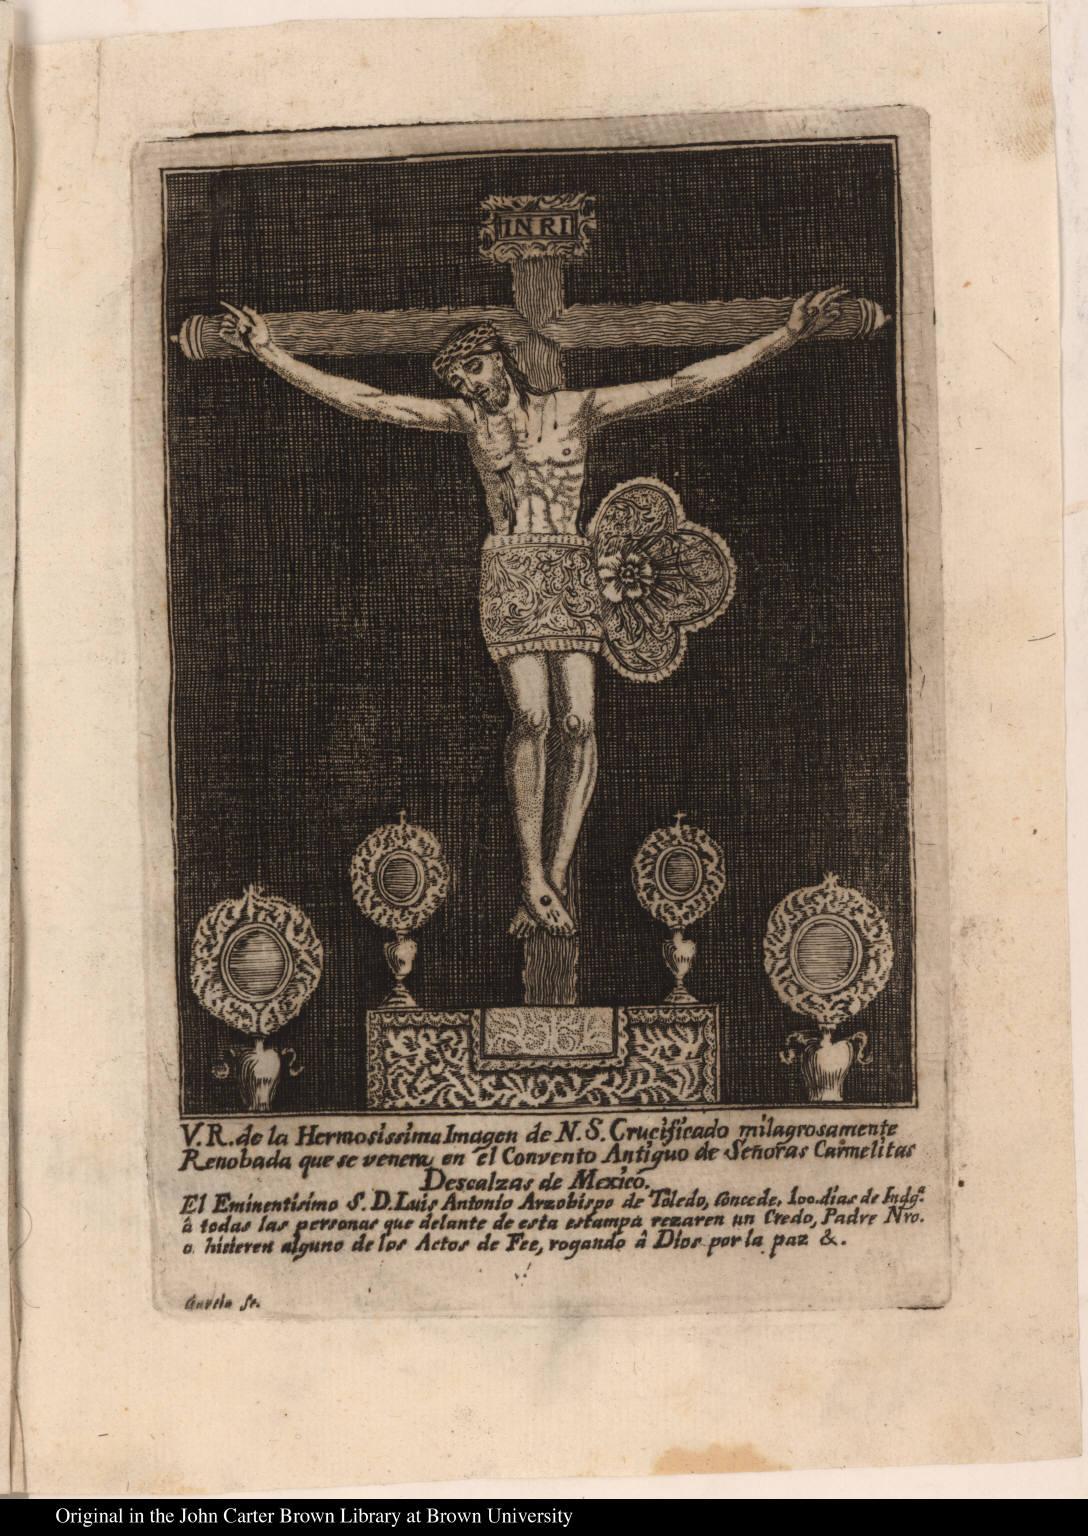 V. R. de la Hermosissima Imagen de N.S. Crucificado milagrosamente Renobada que se venera en el Convento Antiguo de Señoras Carmelitas Descalzas de Mexico.